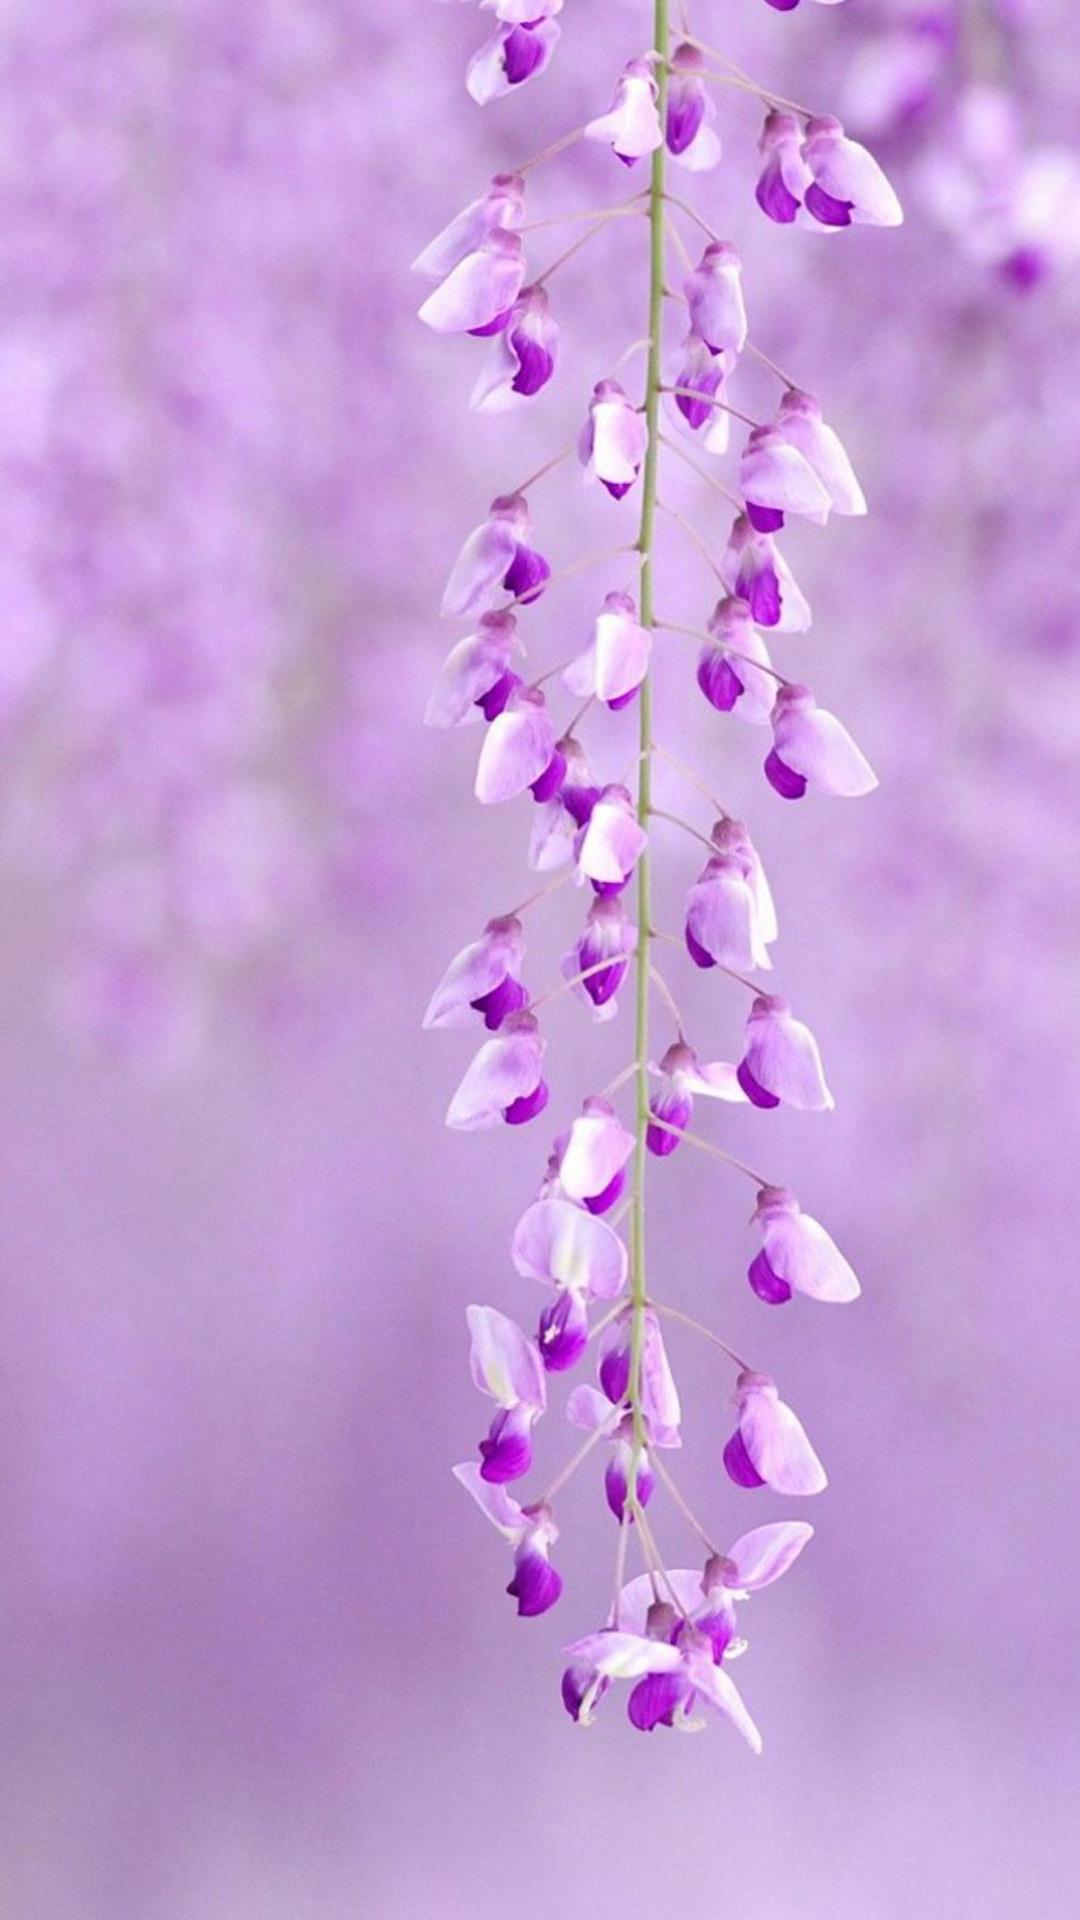 Iphone 6 plus flower wallpaper wallpapersafari - Flower wallpaper macbook ...